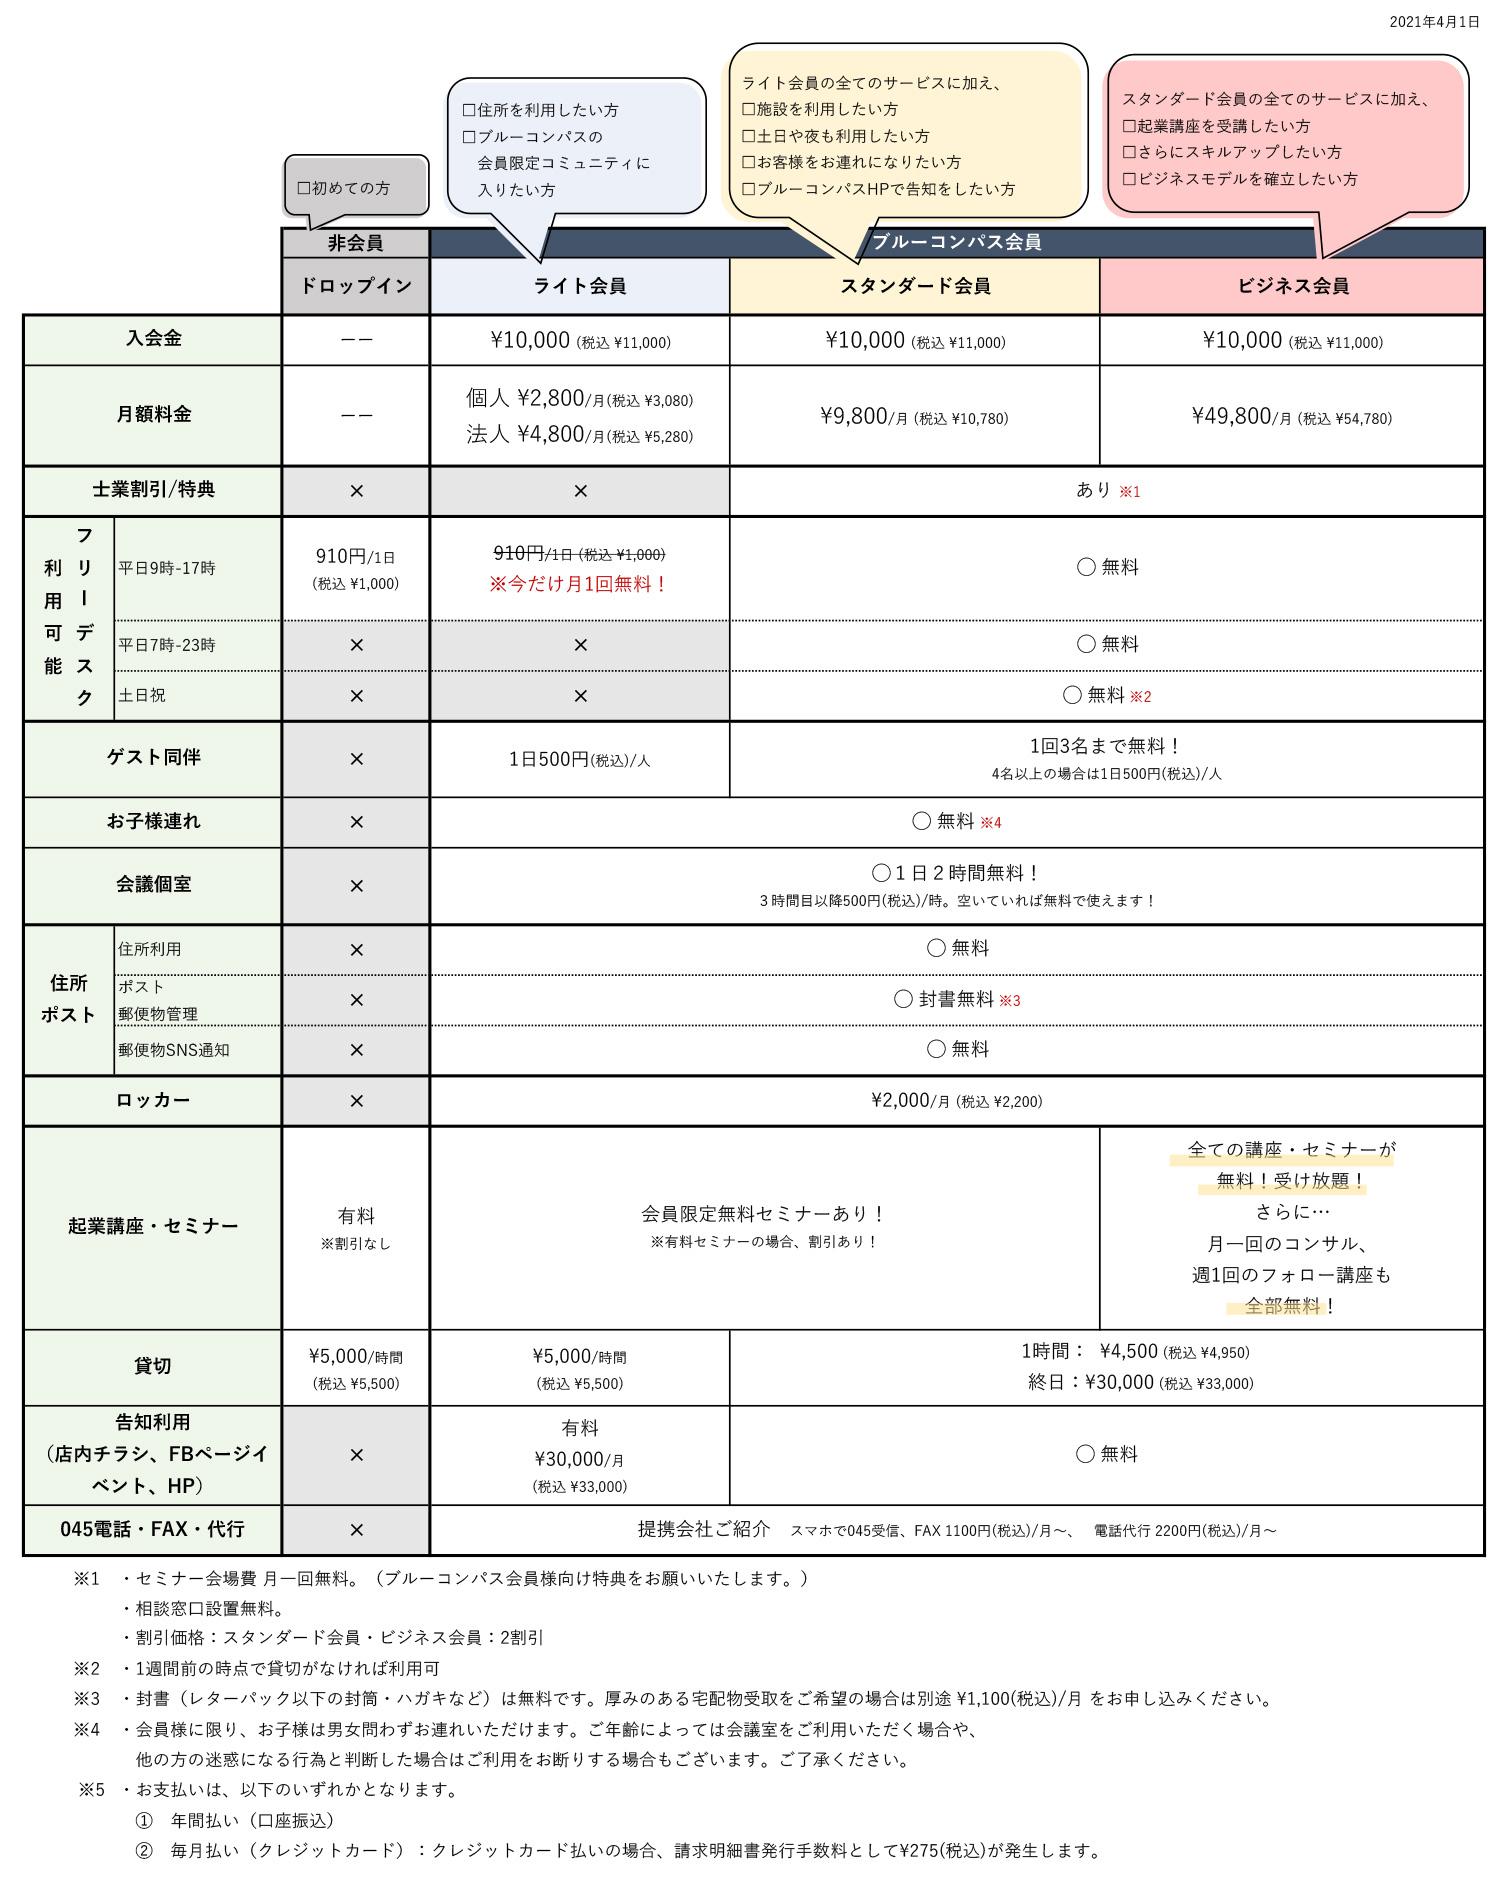 横浜女性コワーキング料金表